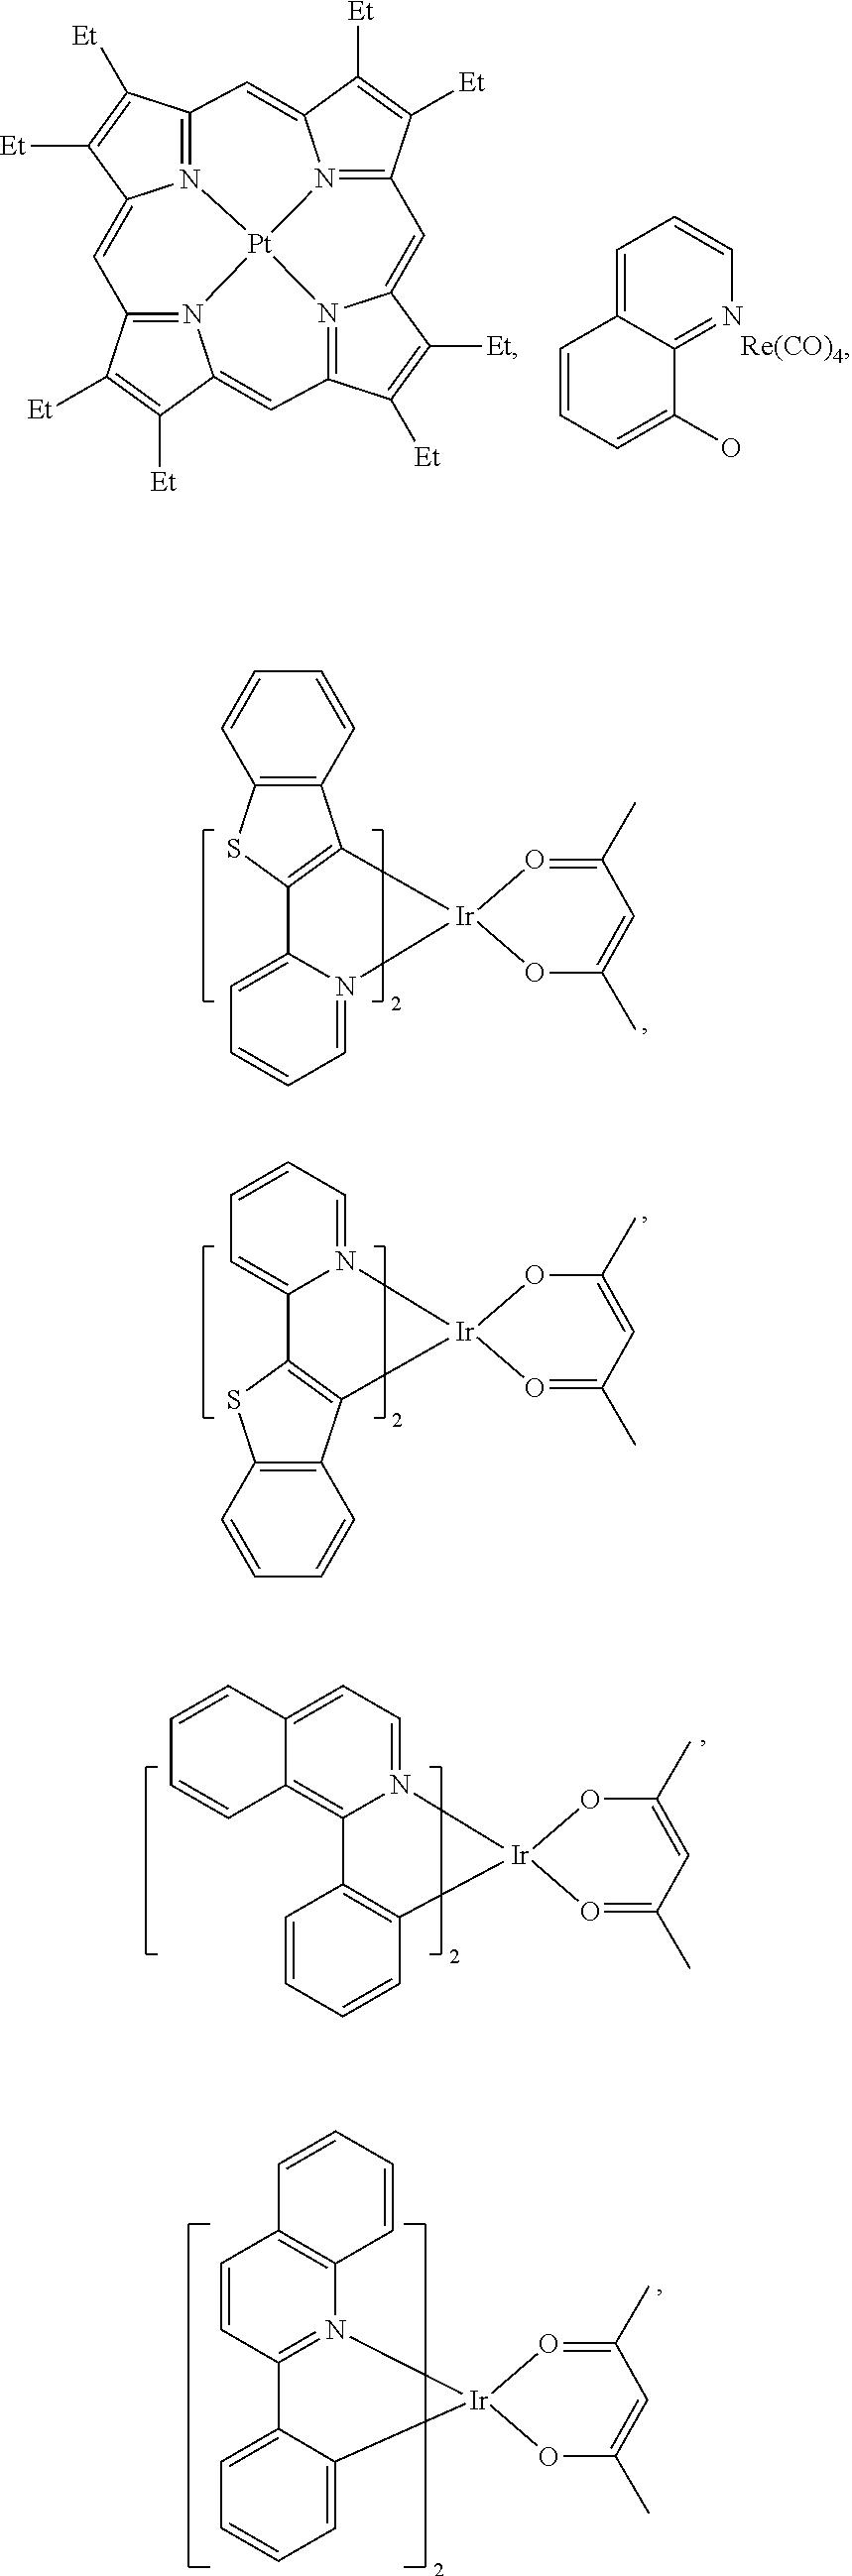 Figure US09859510-20180102-C00069